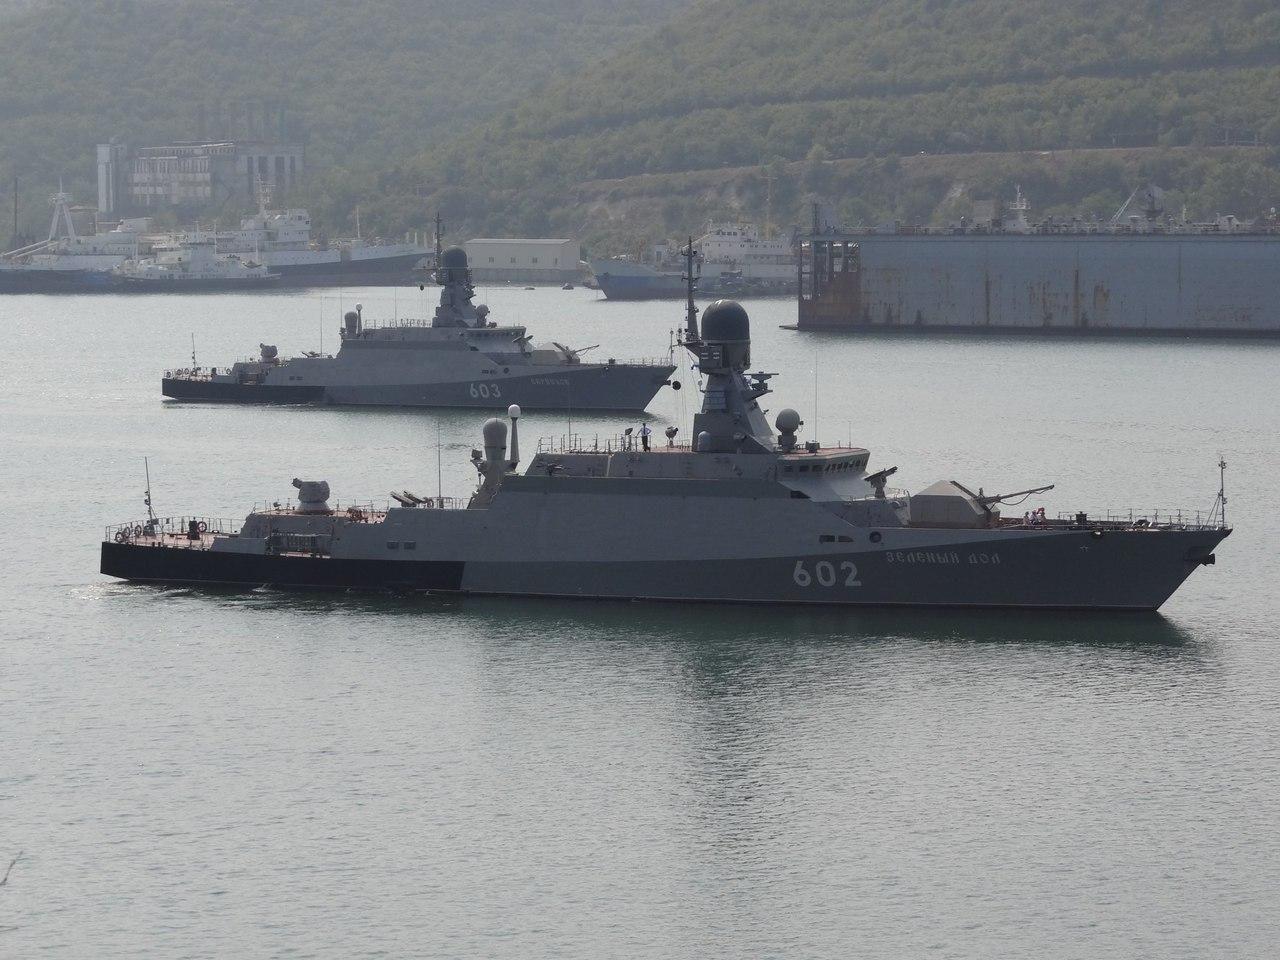 Росія захопила українські кораблі: Литва підготувала жорстку відповідь